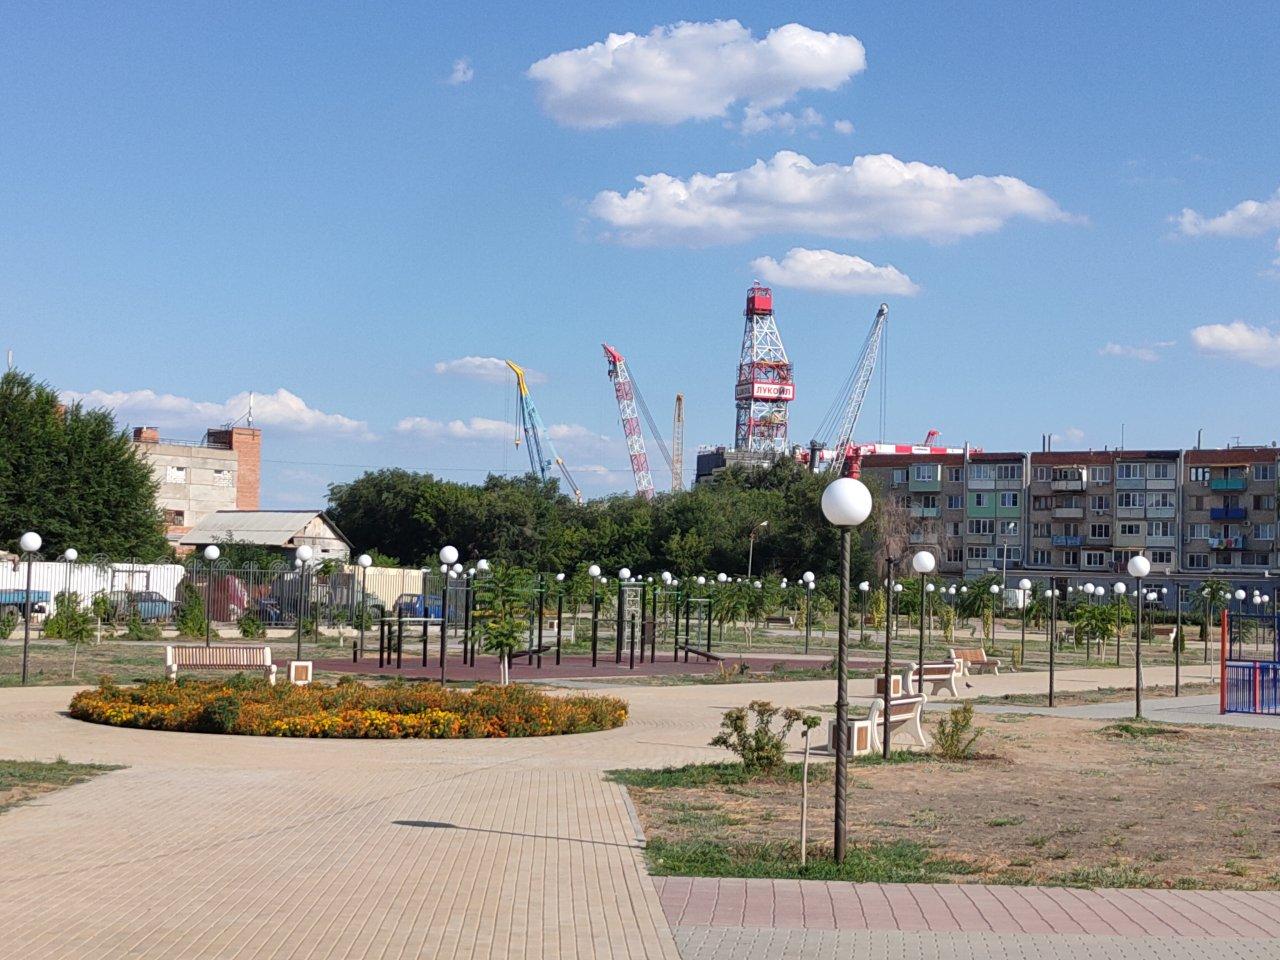 Председатель Гордумы Астрахани обратил внимание на незавершенность парков